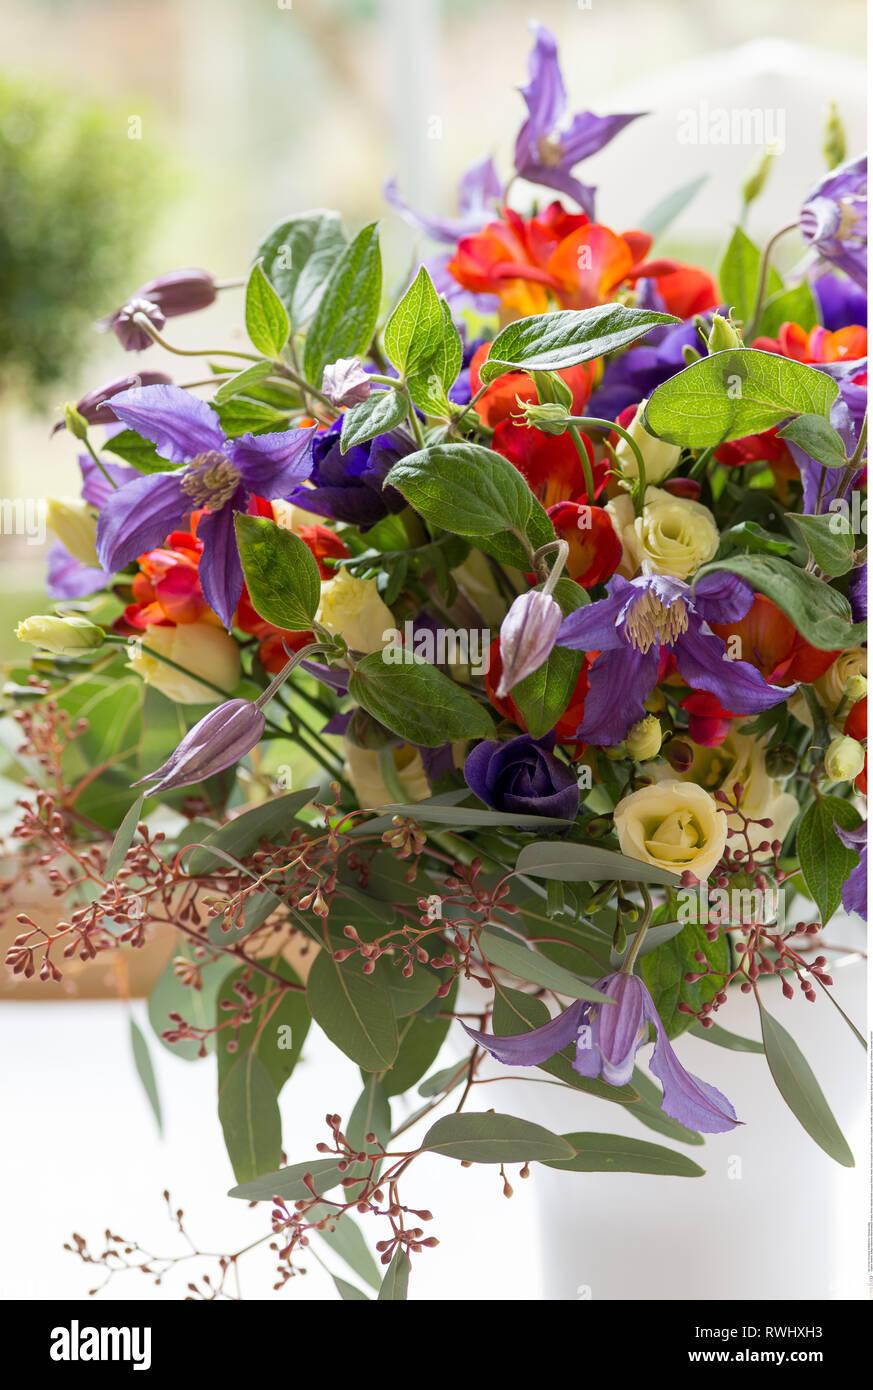 Botanik, natürlich filmier Flower Bouquet, Vorsicht! Für Greetingcard-Use/Postcard-Use in deutschsprachigen Ländern gibt es einige Einschränkungen Stockbild